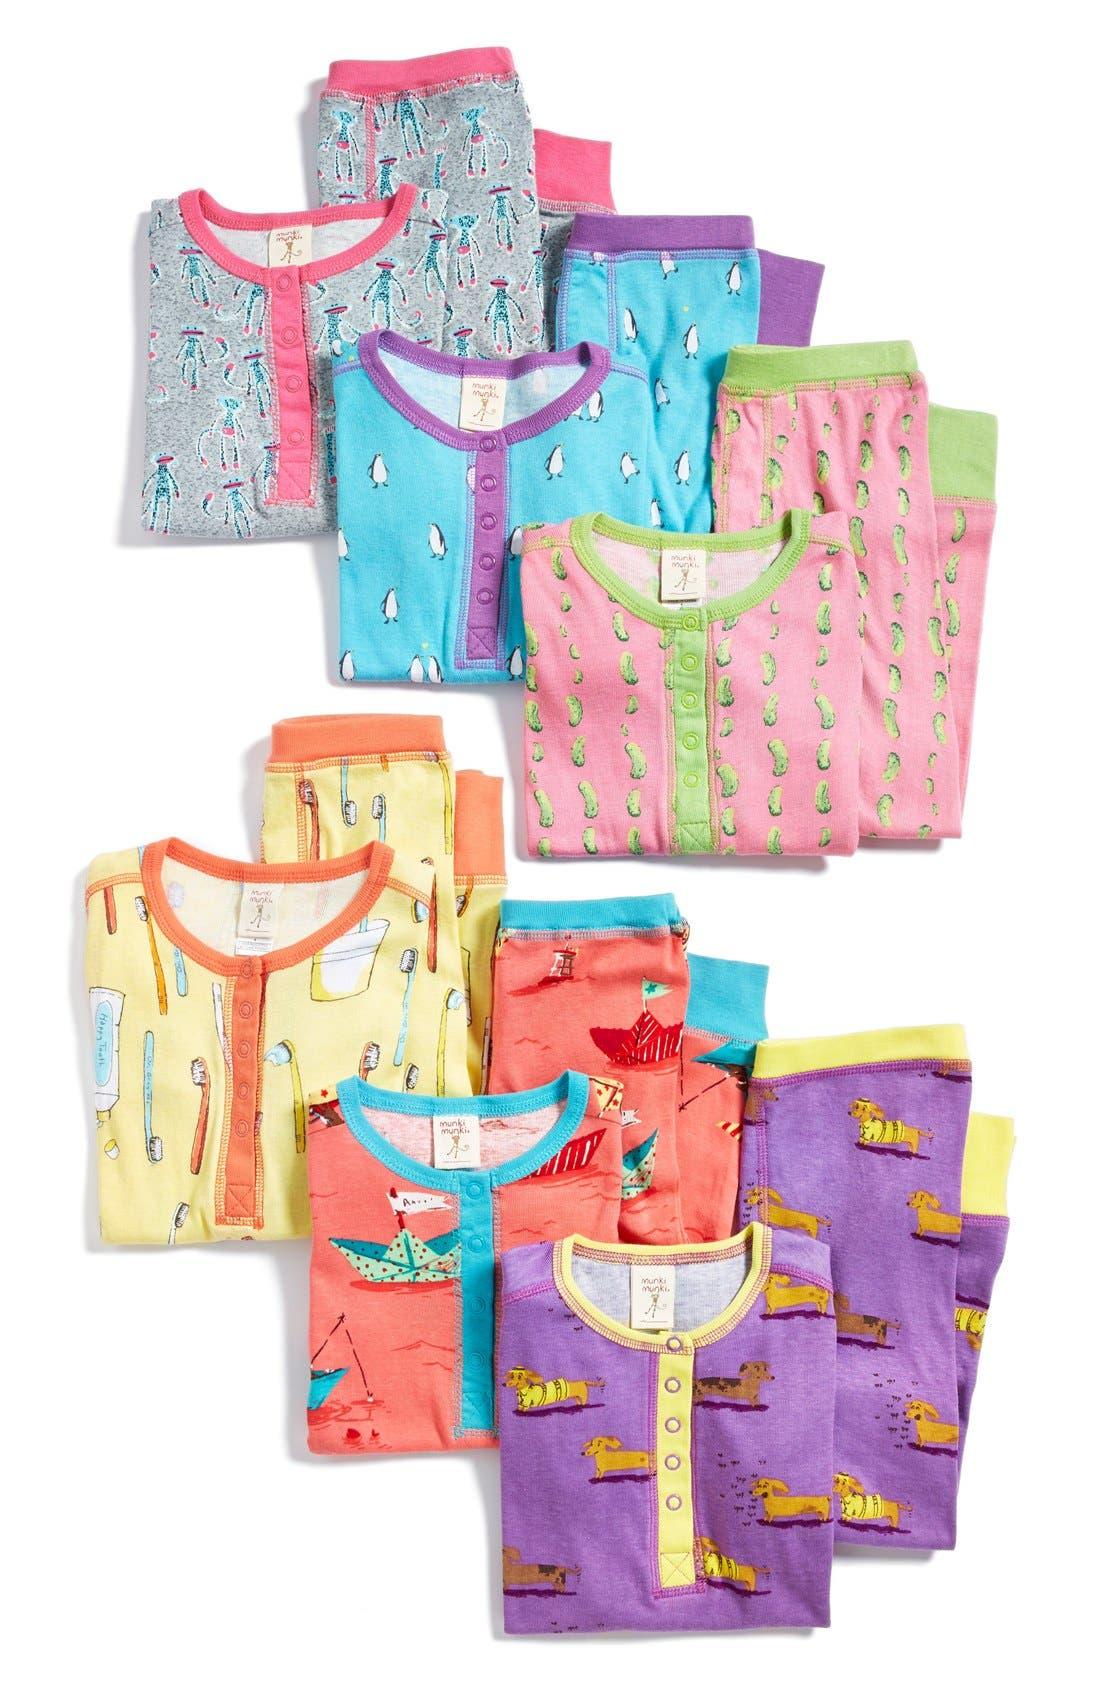 Main Image - Munki Munki Two-Piece Fitted Pajamas (Toddler Girls & Little Girls)